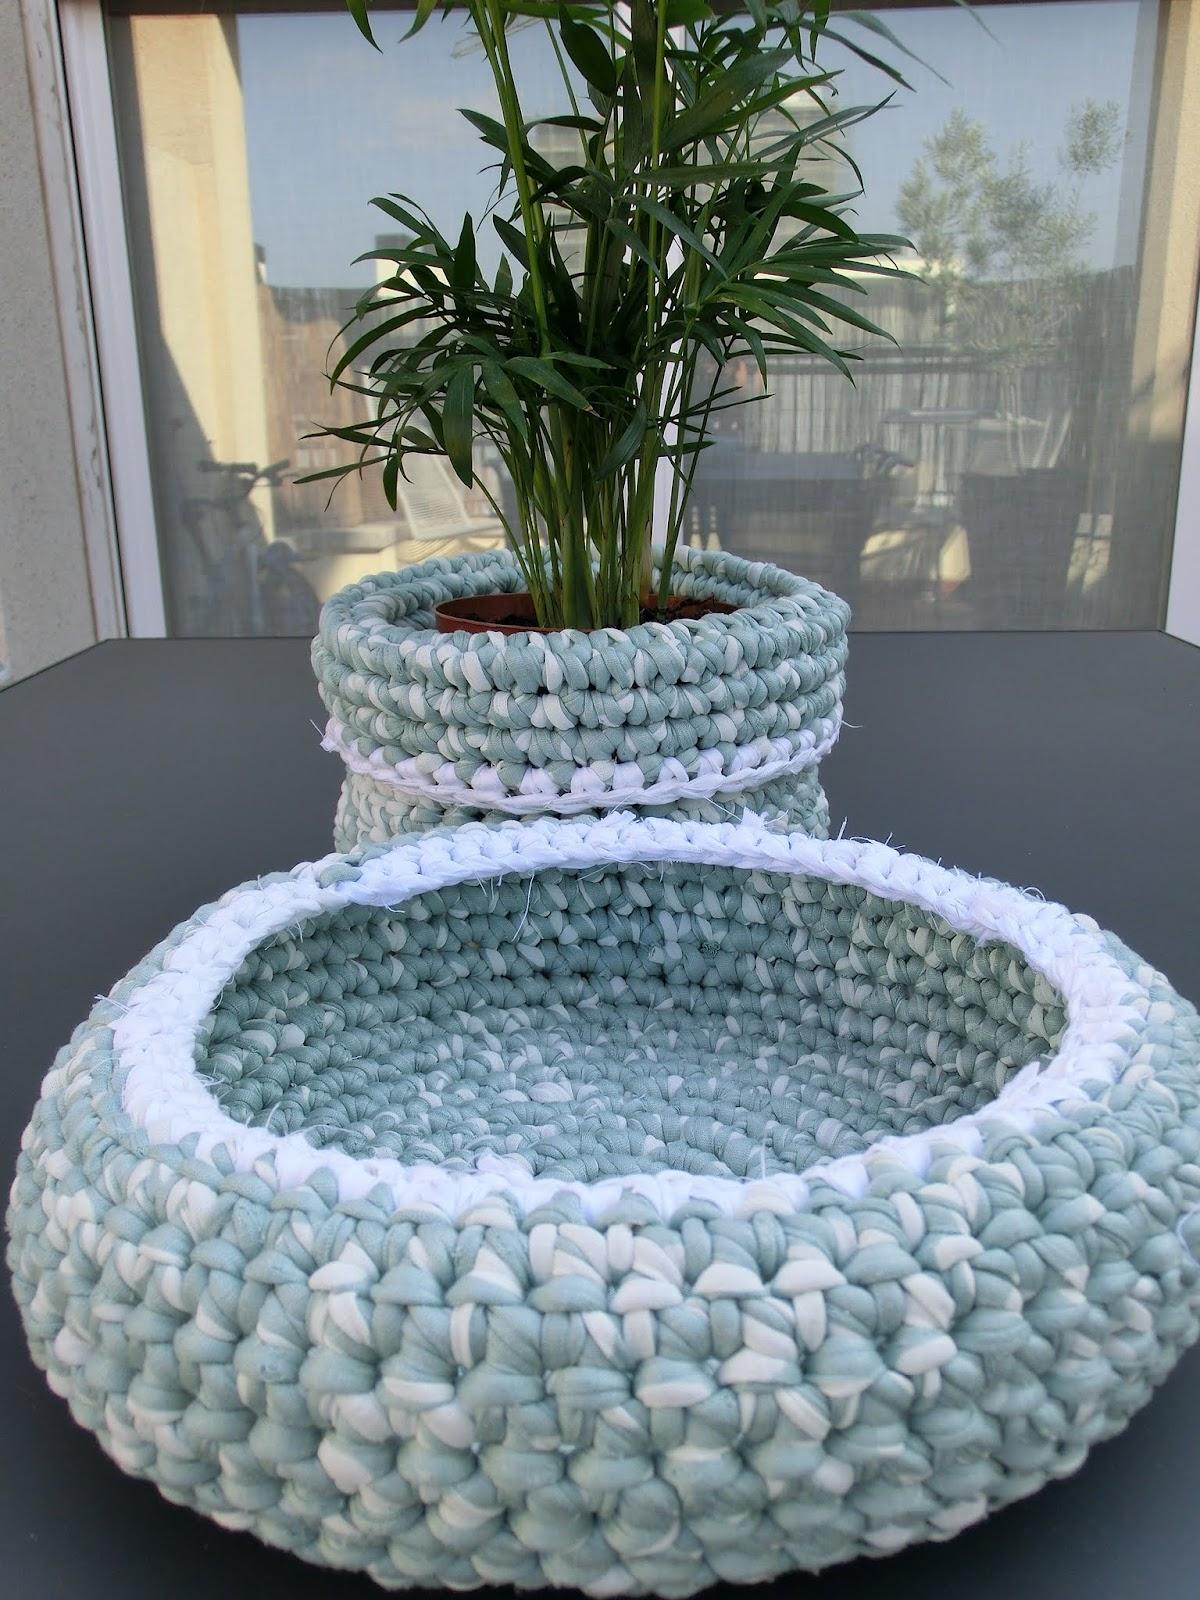 ... des de l?tic: ...tutorial de ganxet XXL / Crochet XXL tutorial